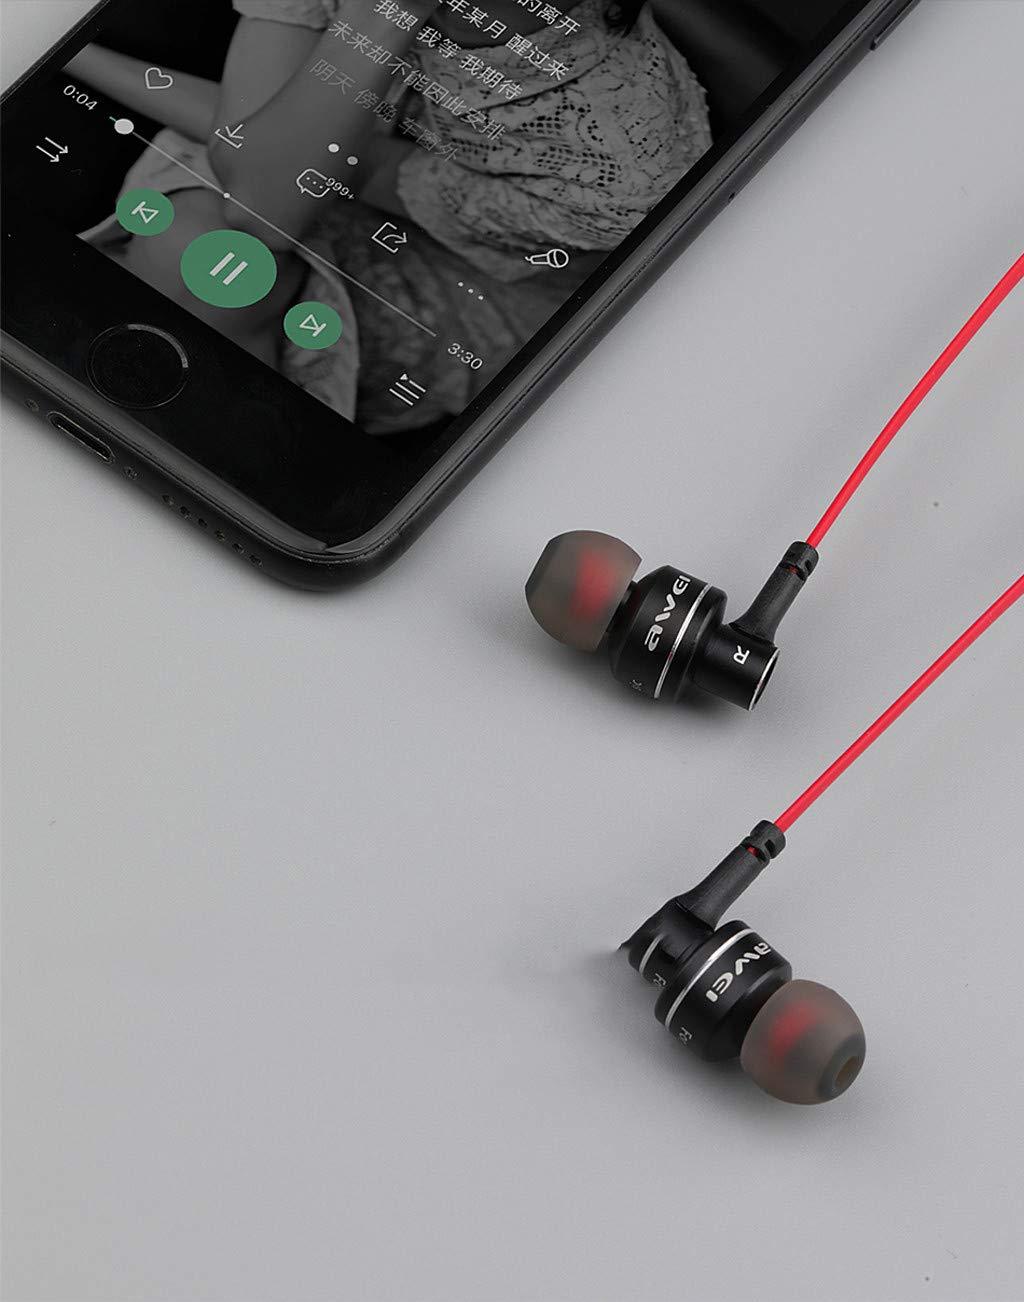 Qomomont Impermeable IPX4 Auriculares BT Atracci/ón magn/ética Auriculares Est/éreo In-Ear Deportes con micr/ófono Correr Cascos Deportivos Manos Libre Auricular Inal/ámbrico para Android y iOS